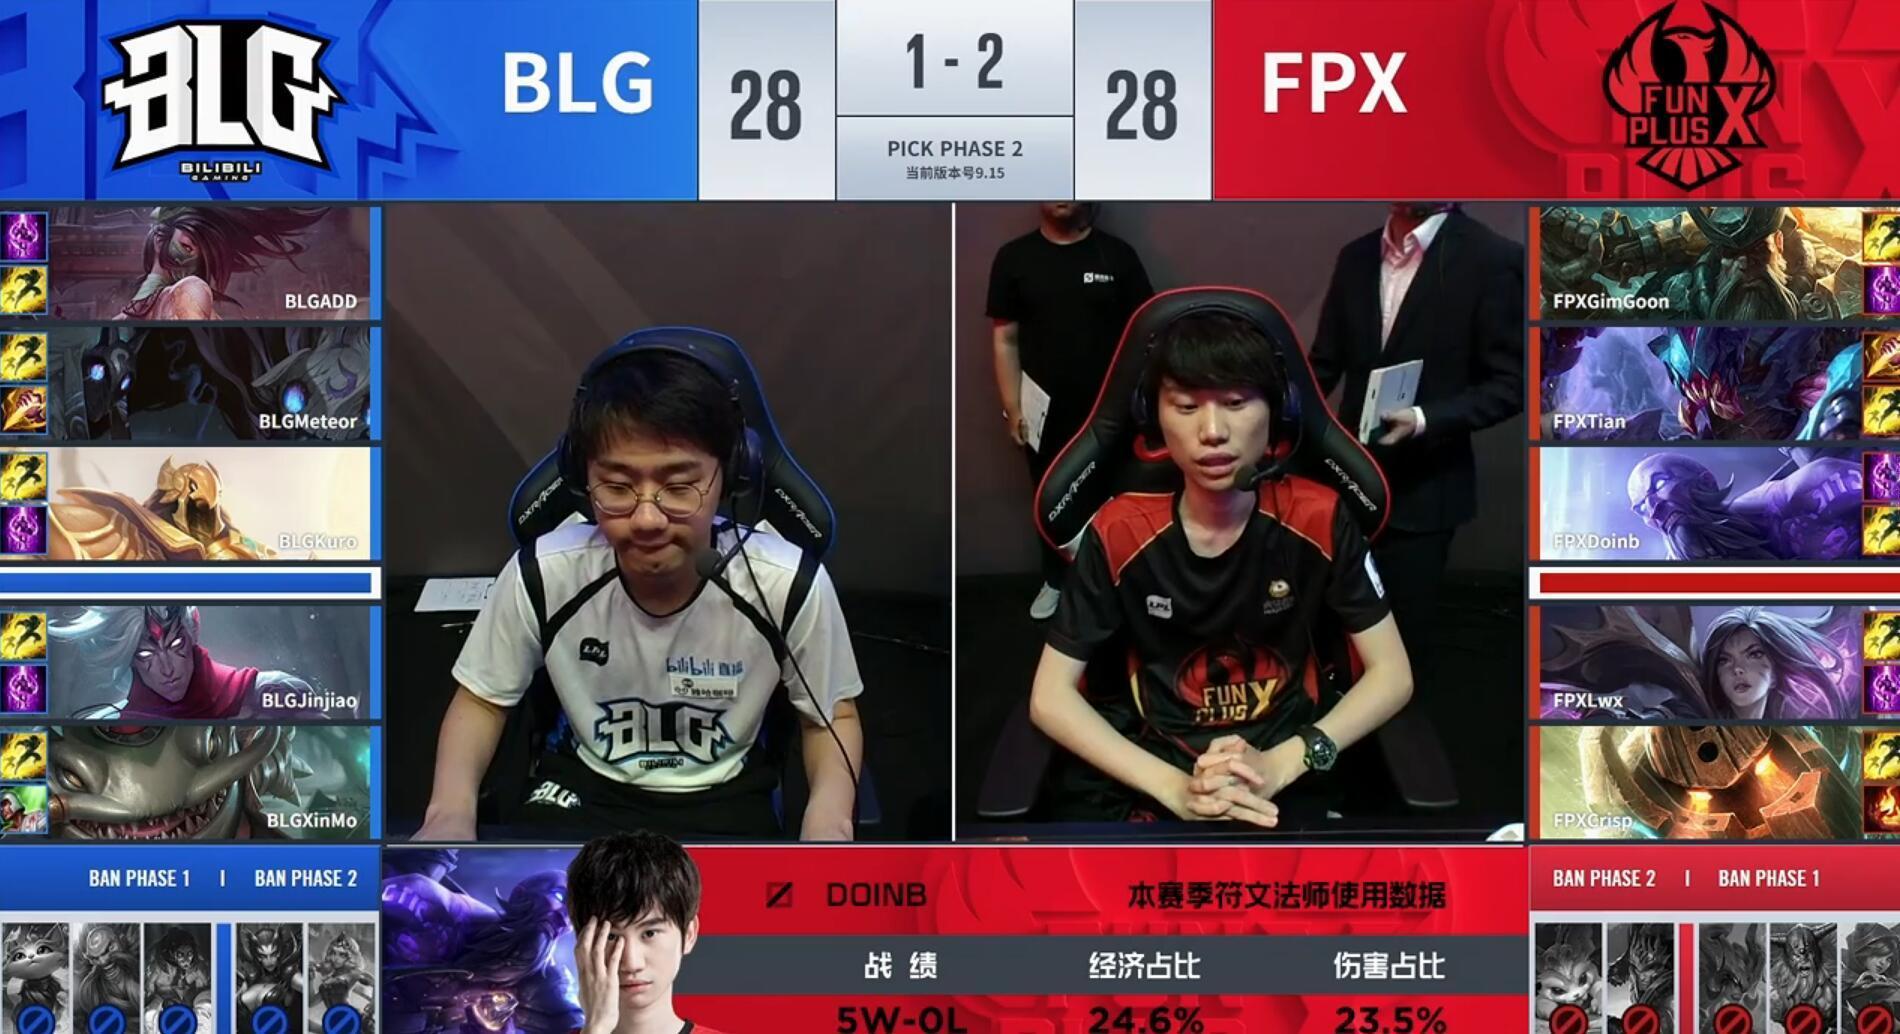 原创            FPX确定拿到S9世界赛门票,打野赛后喜极而泣,下一个会是RNG吗